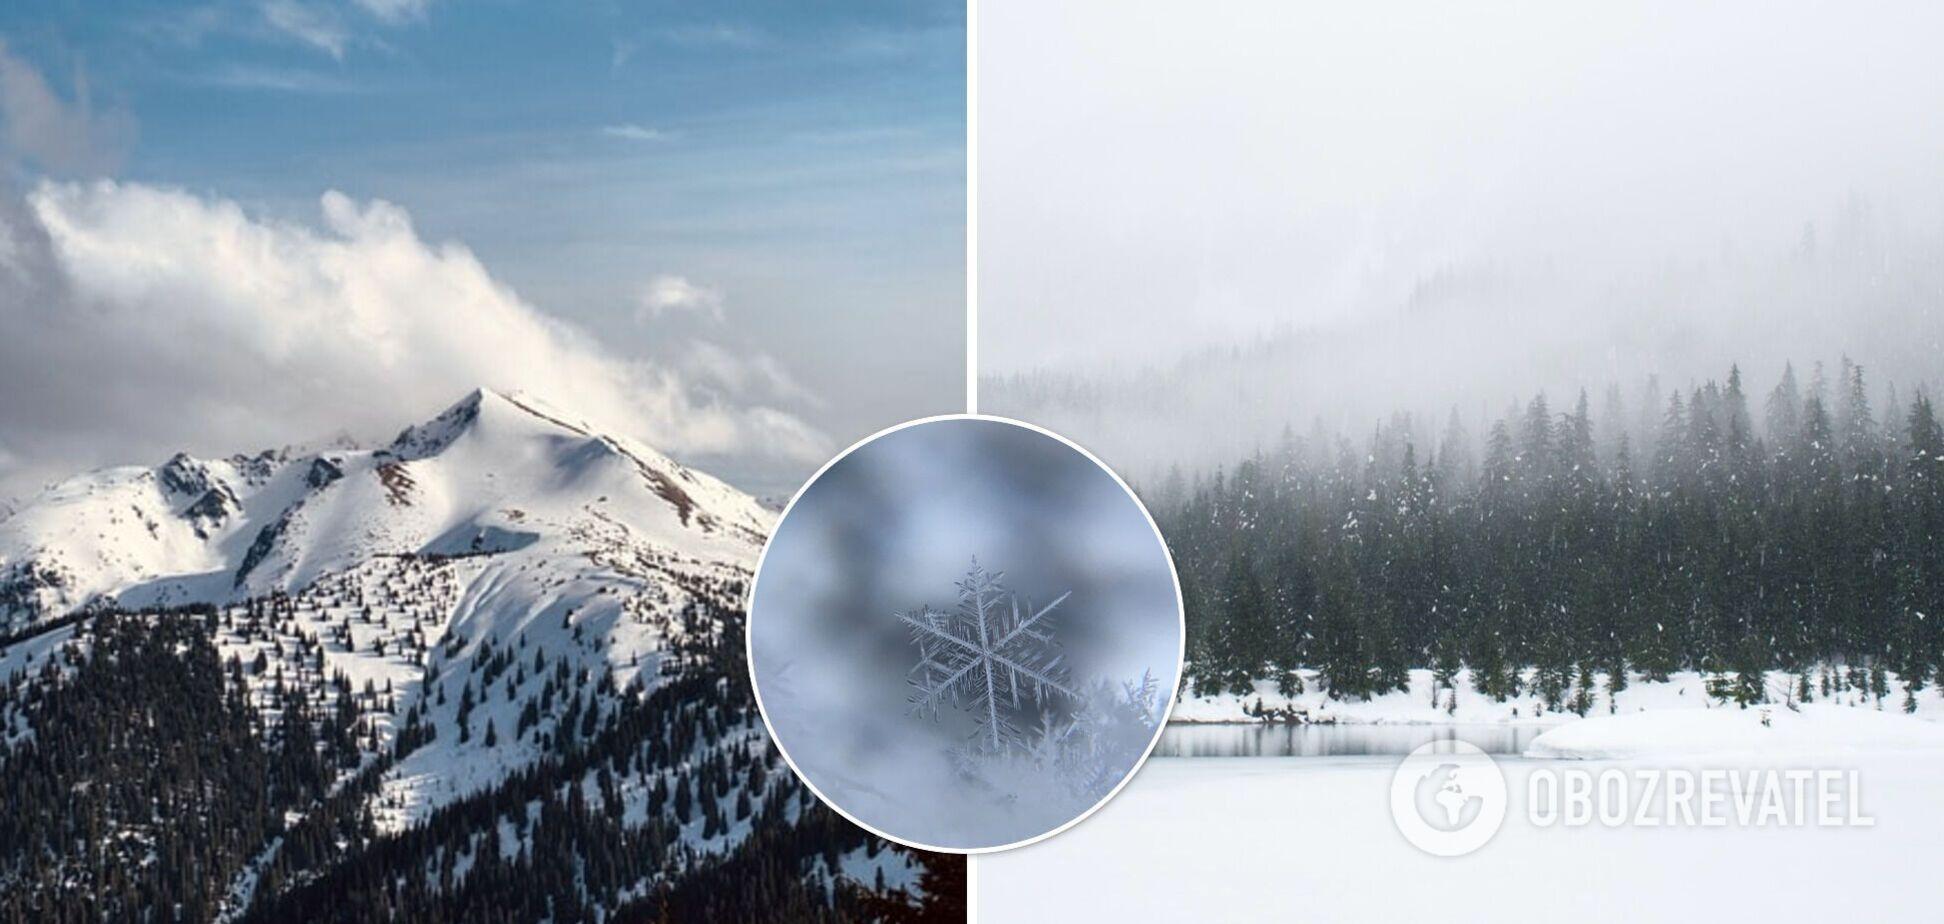 Карпаты продолжает засыпать снегом, ударил мороз до -5. Фото